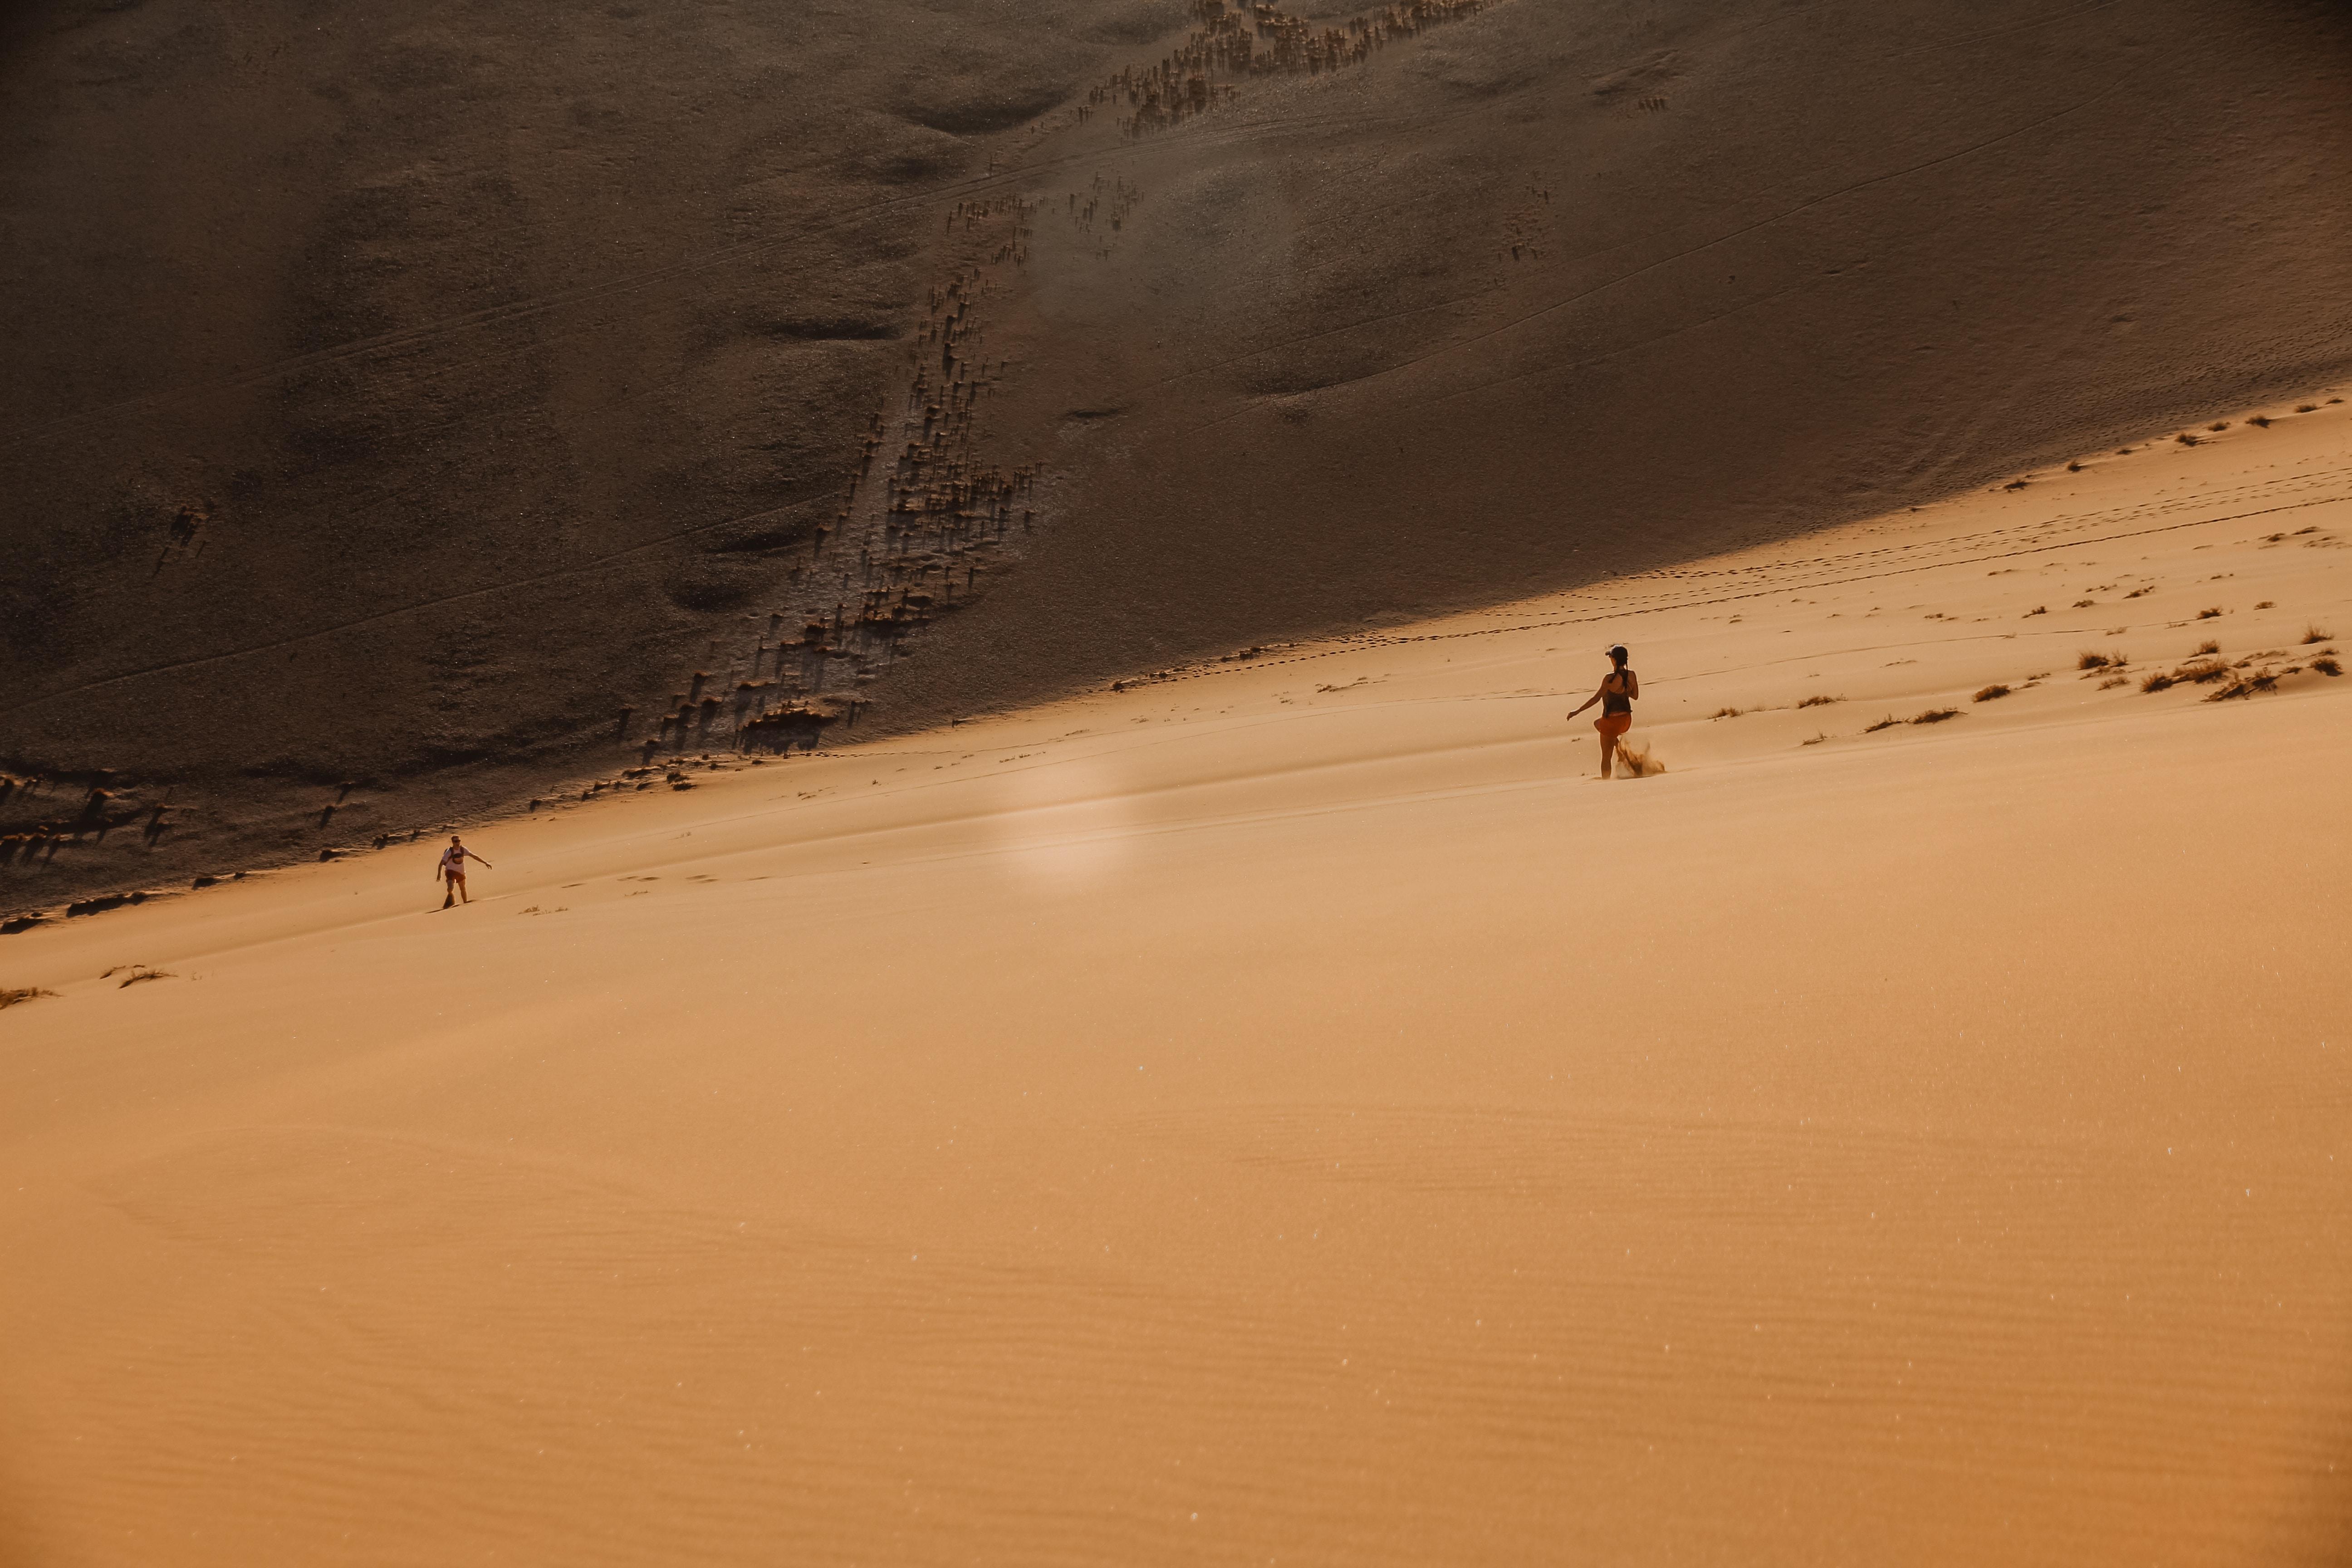 people walking on desert sand during daytime